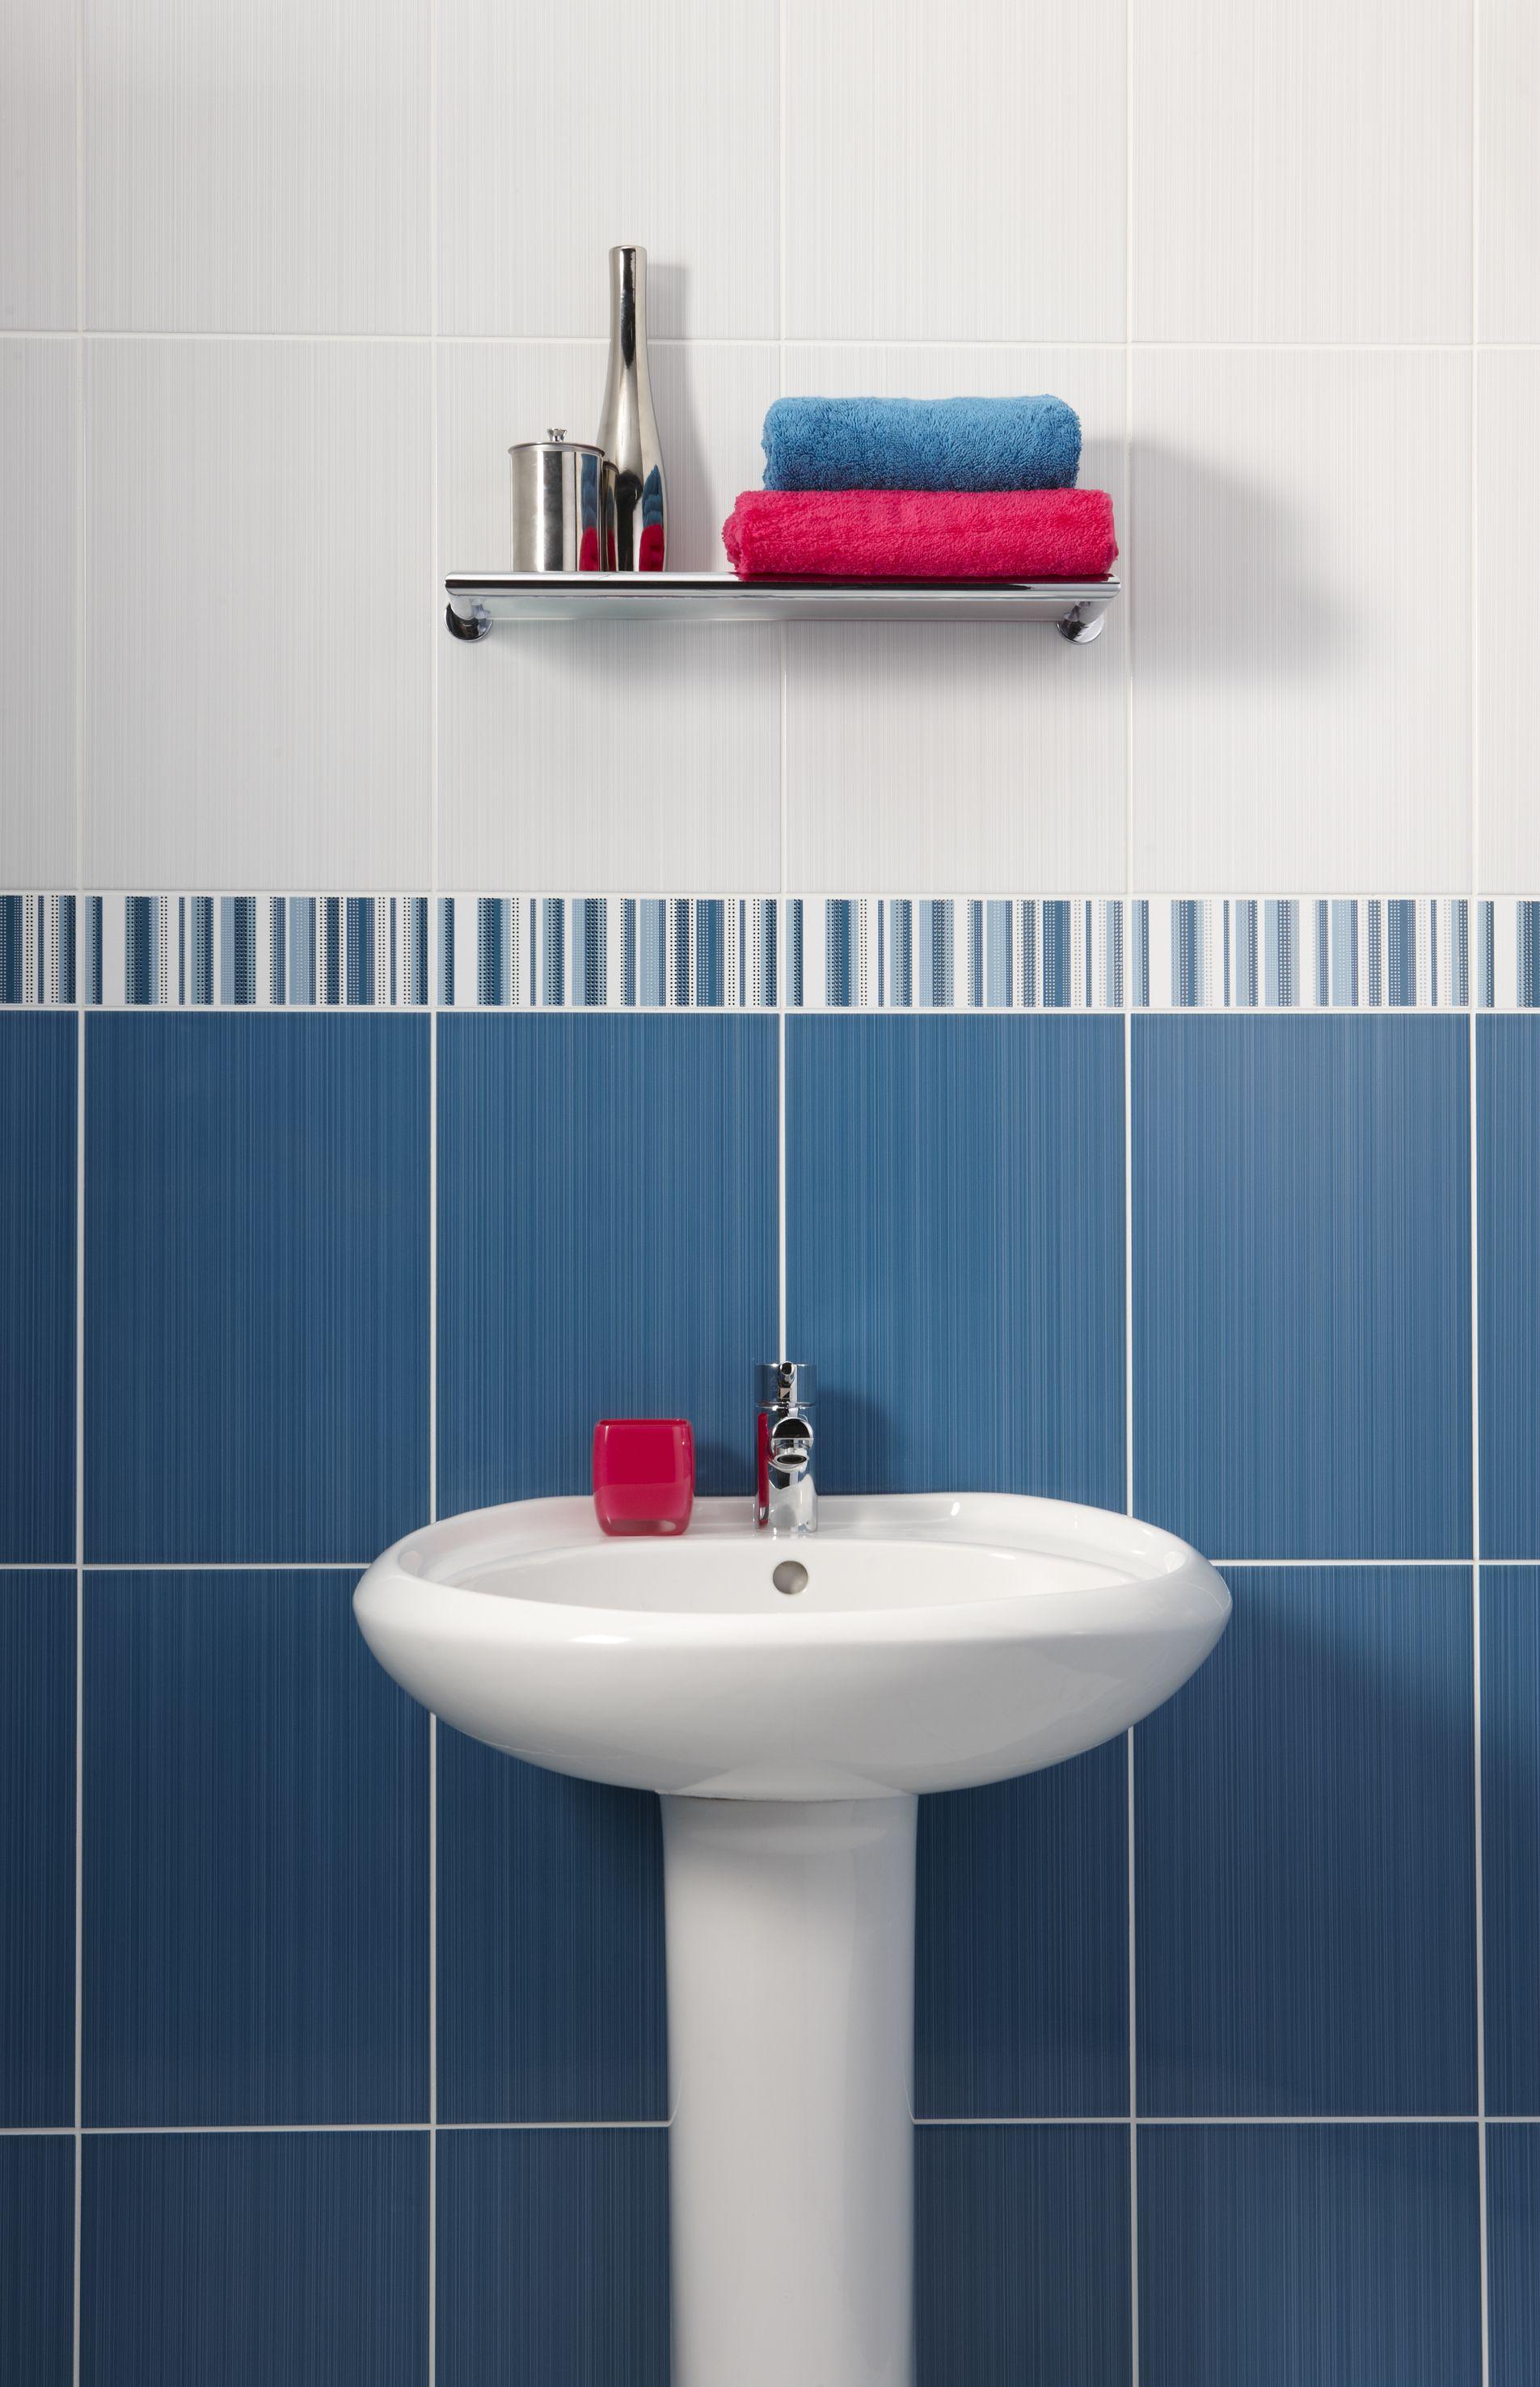 Brighton Blue Tiles LetsColour Lets Colour MADECOM Pinterest